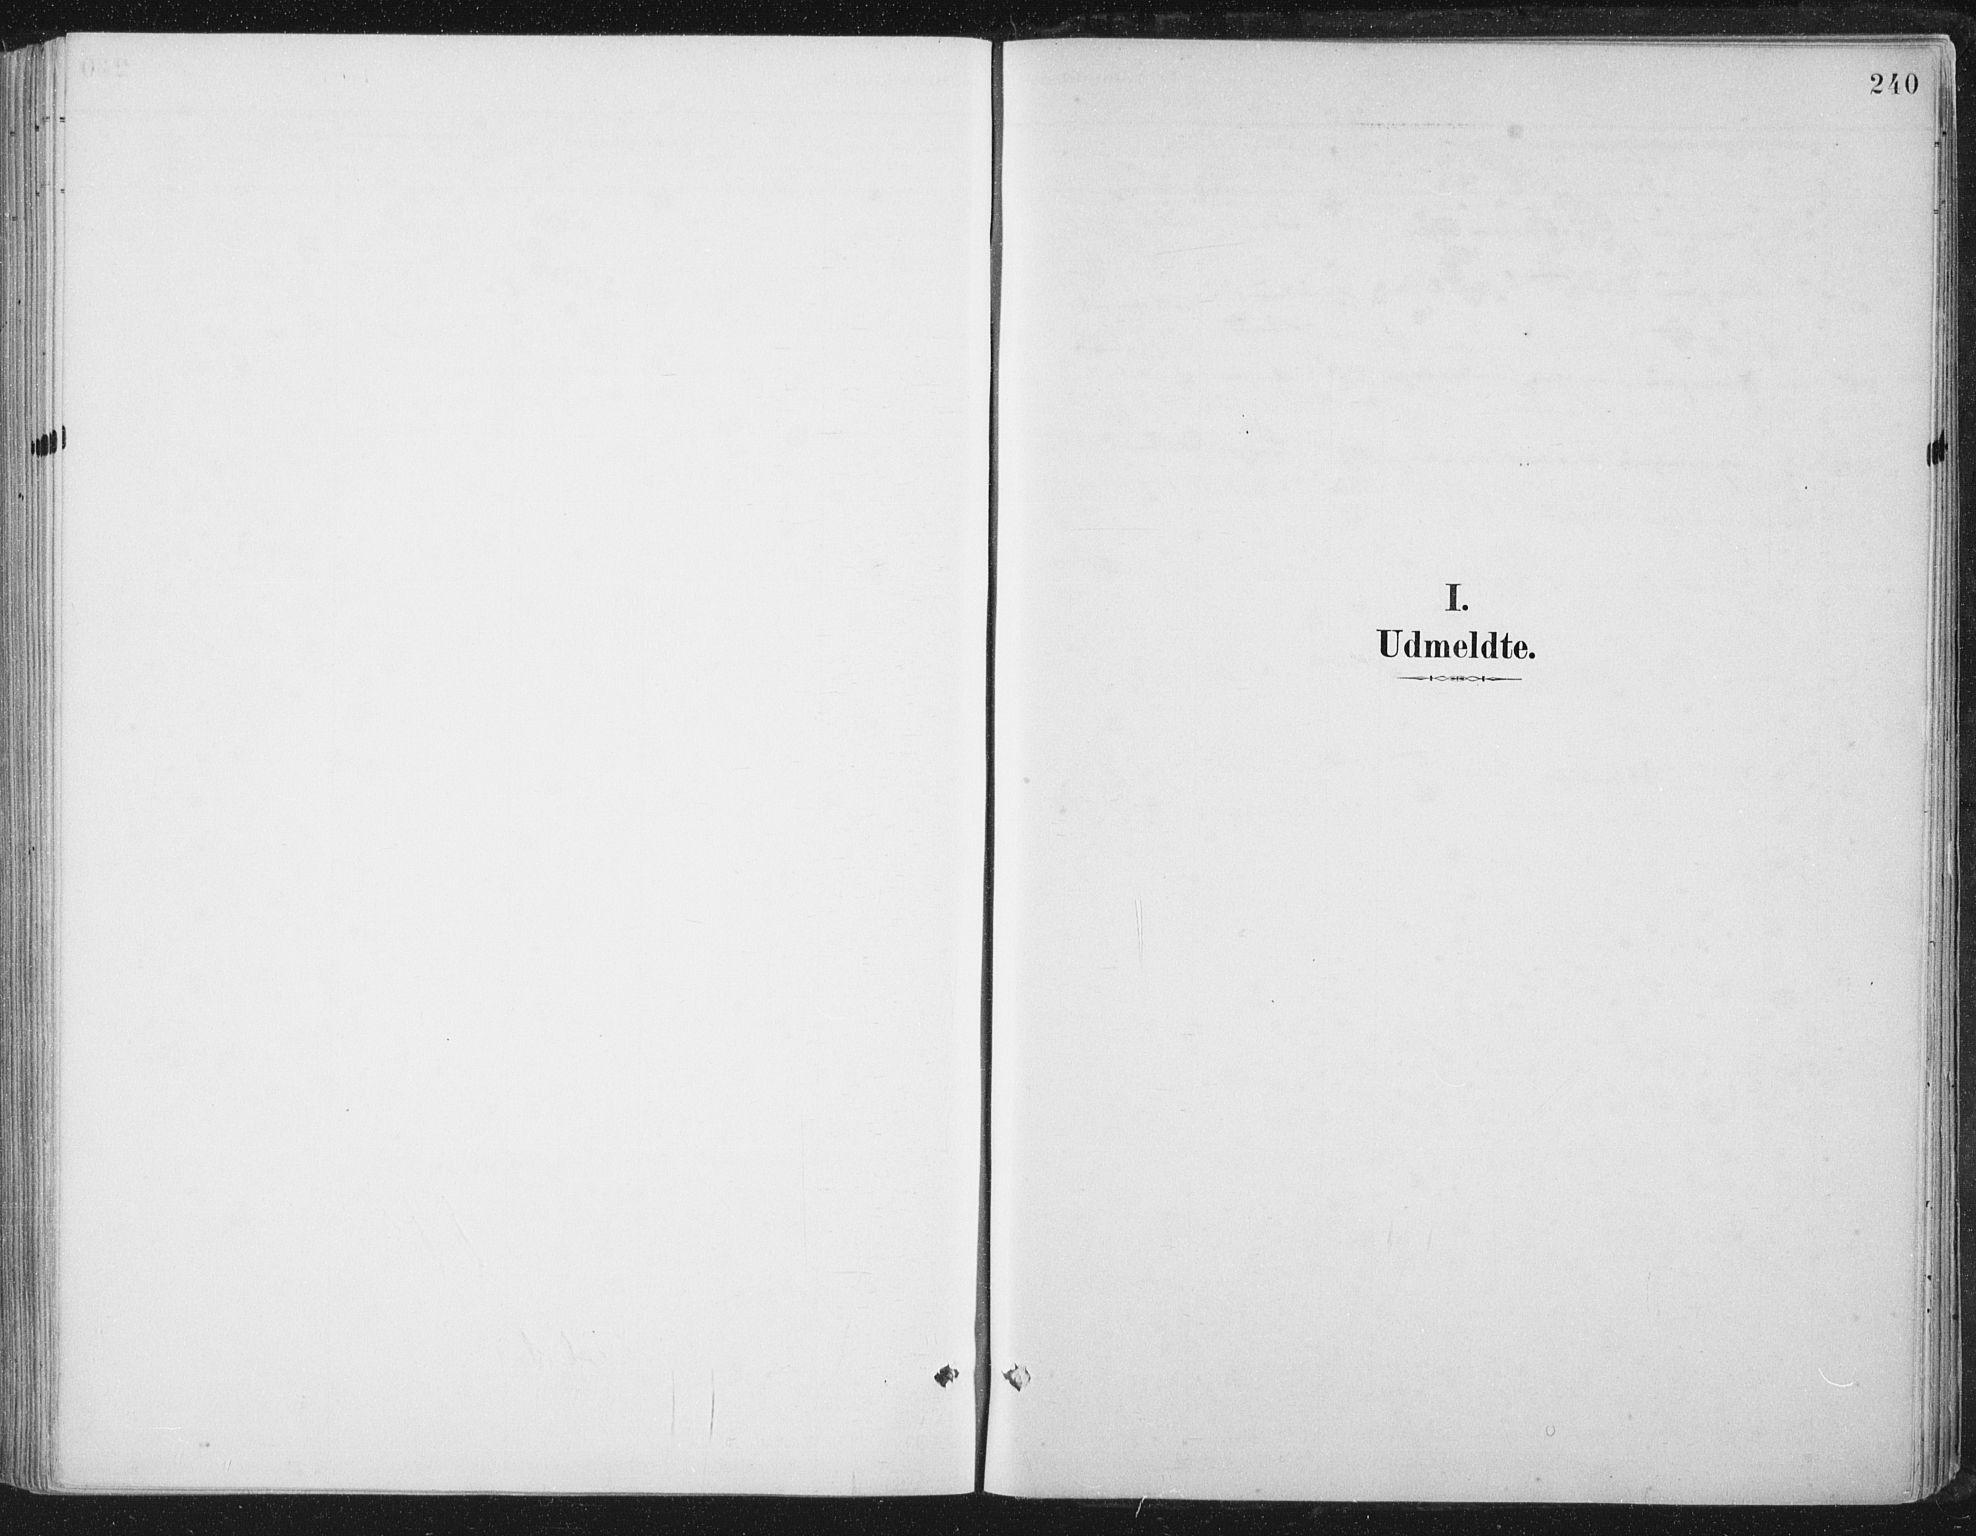 SAT, Ministerialprotokoller, klokkerbøker og fødselsregistre - Nord-Trøndelag, 784/L0673: Ministerialbok nr. 784A08, 1888-1899, s. 240